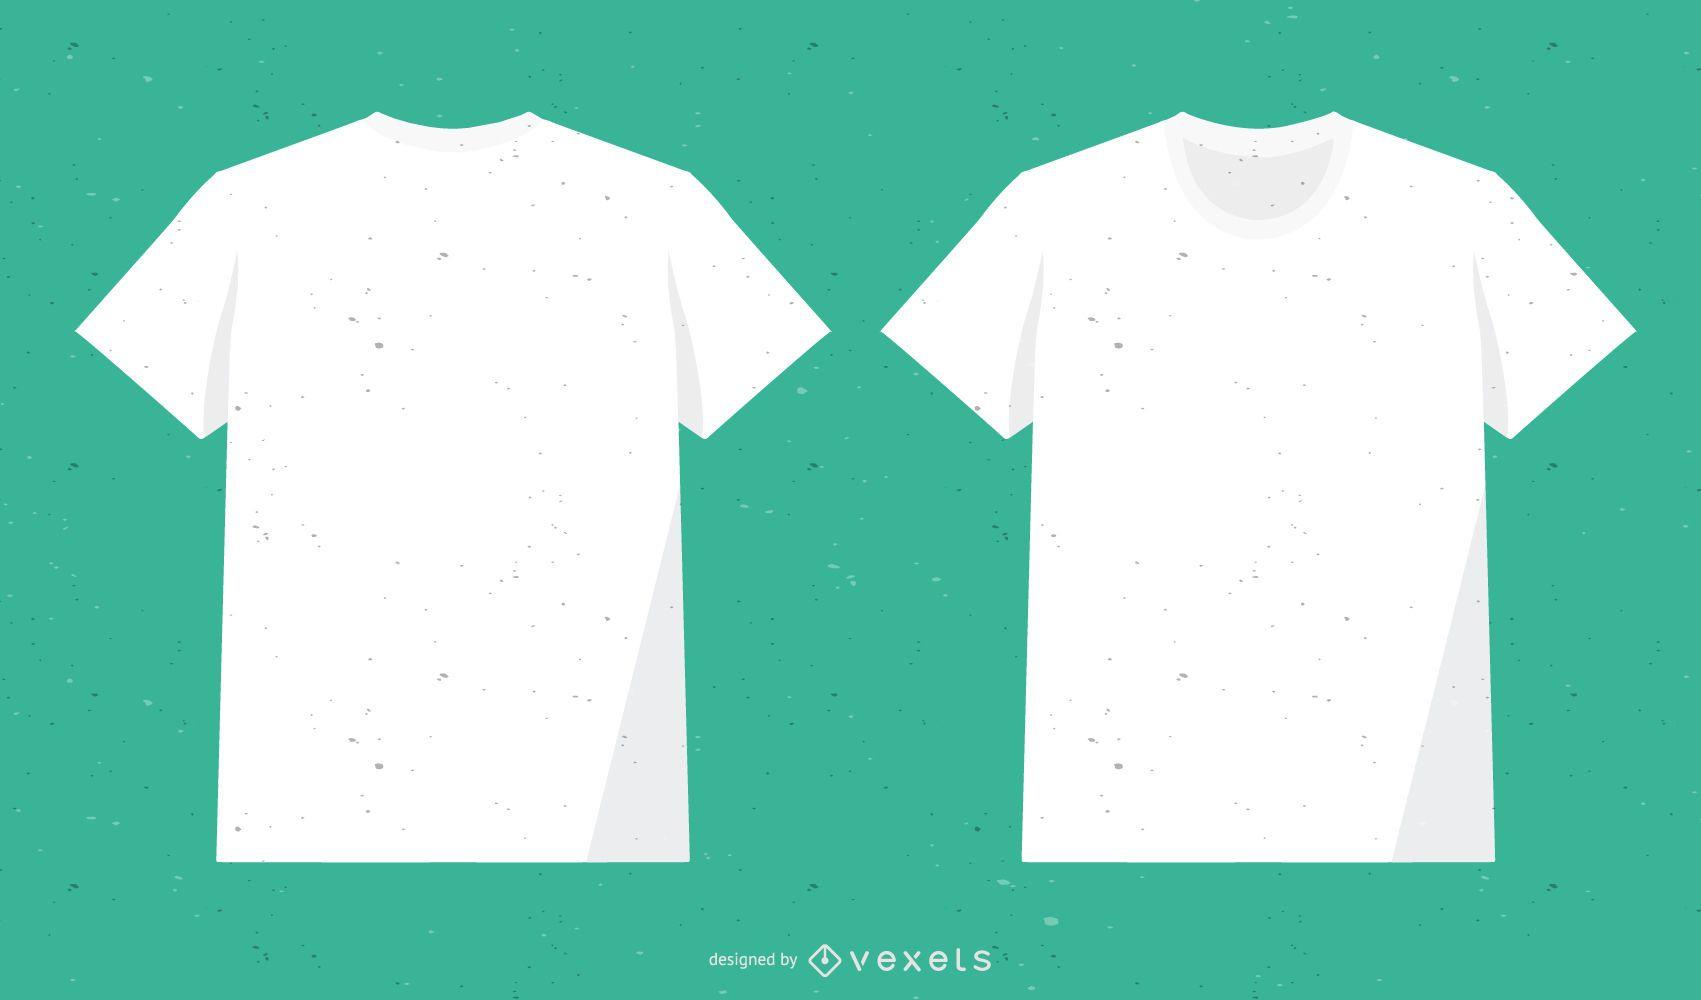 Vectores de camiseta blanca de algodón